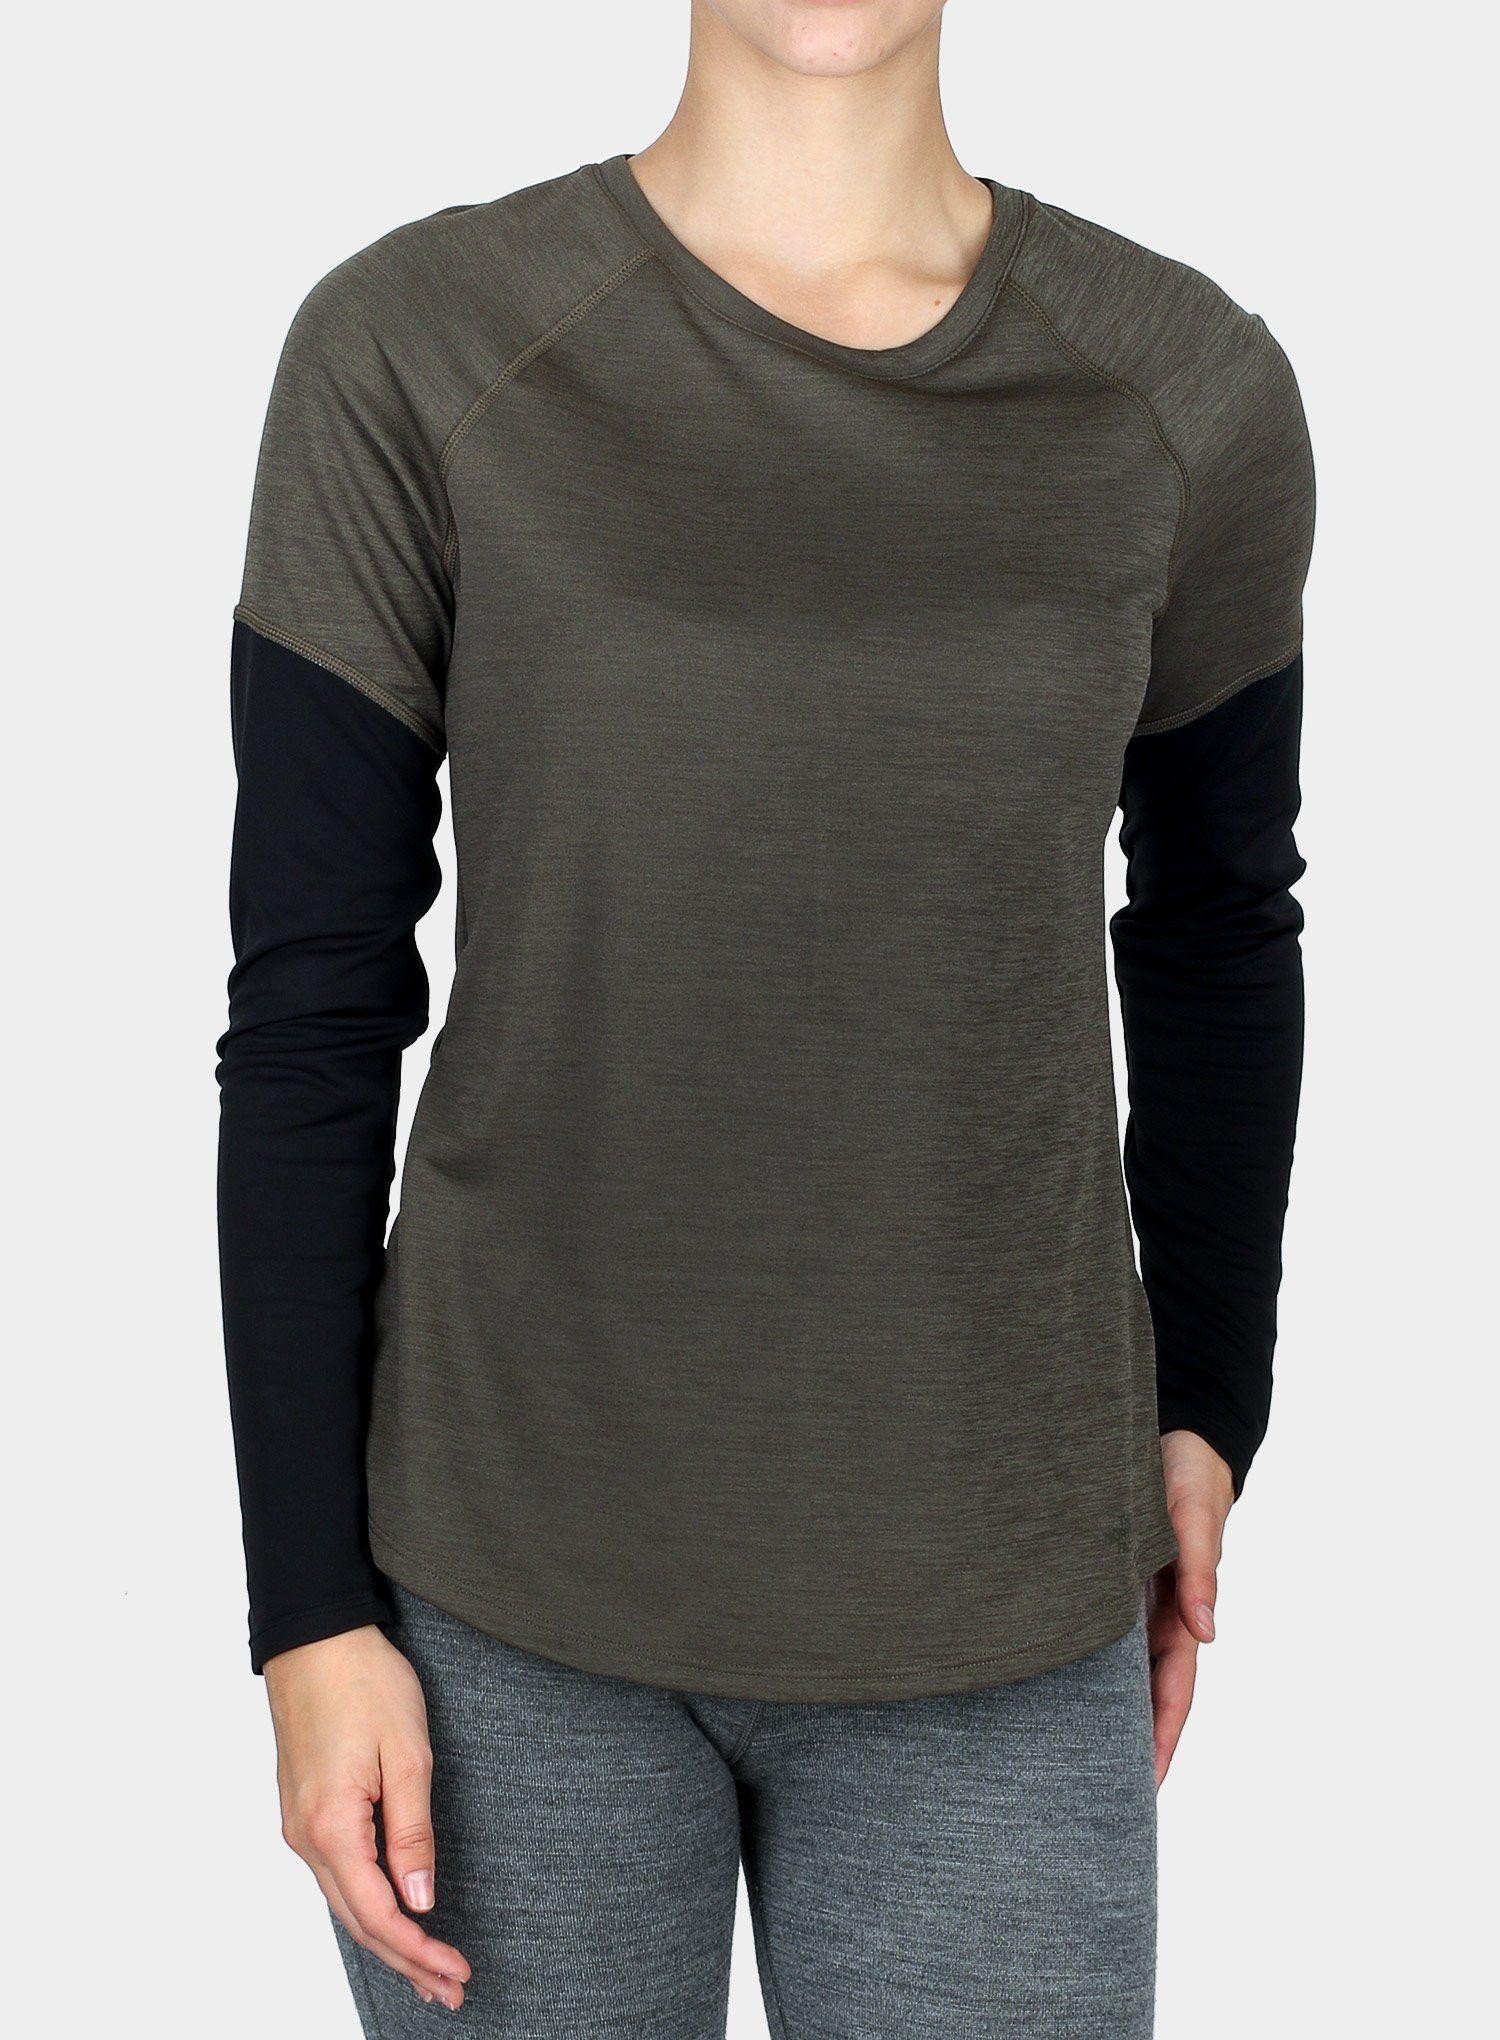 Кофты и свитера женские The North Face модель N1388 качество, 2017